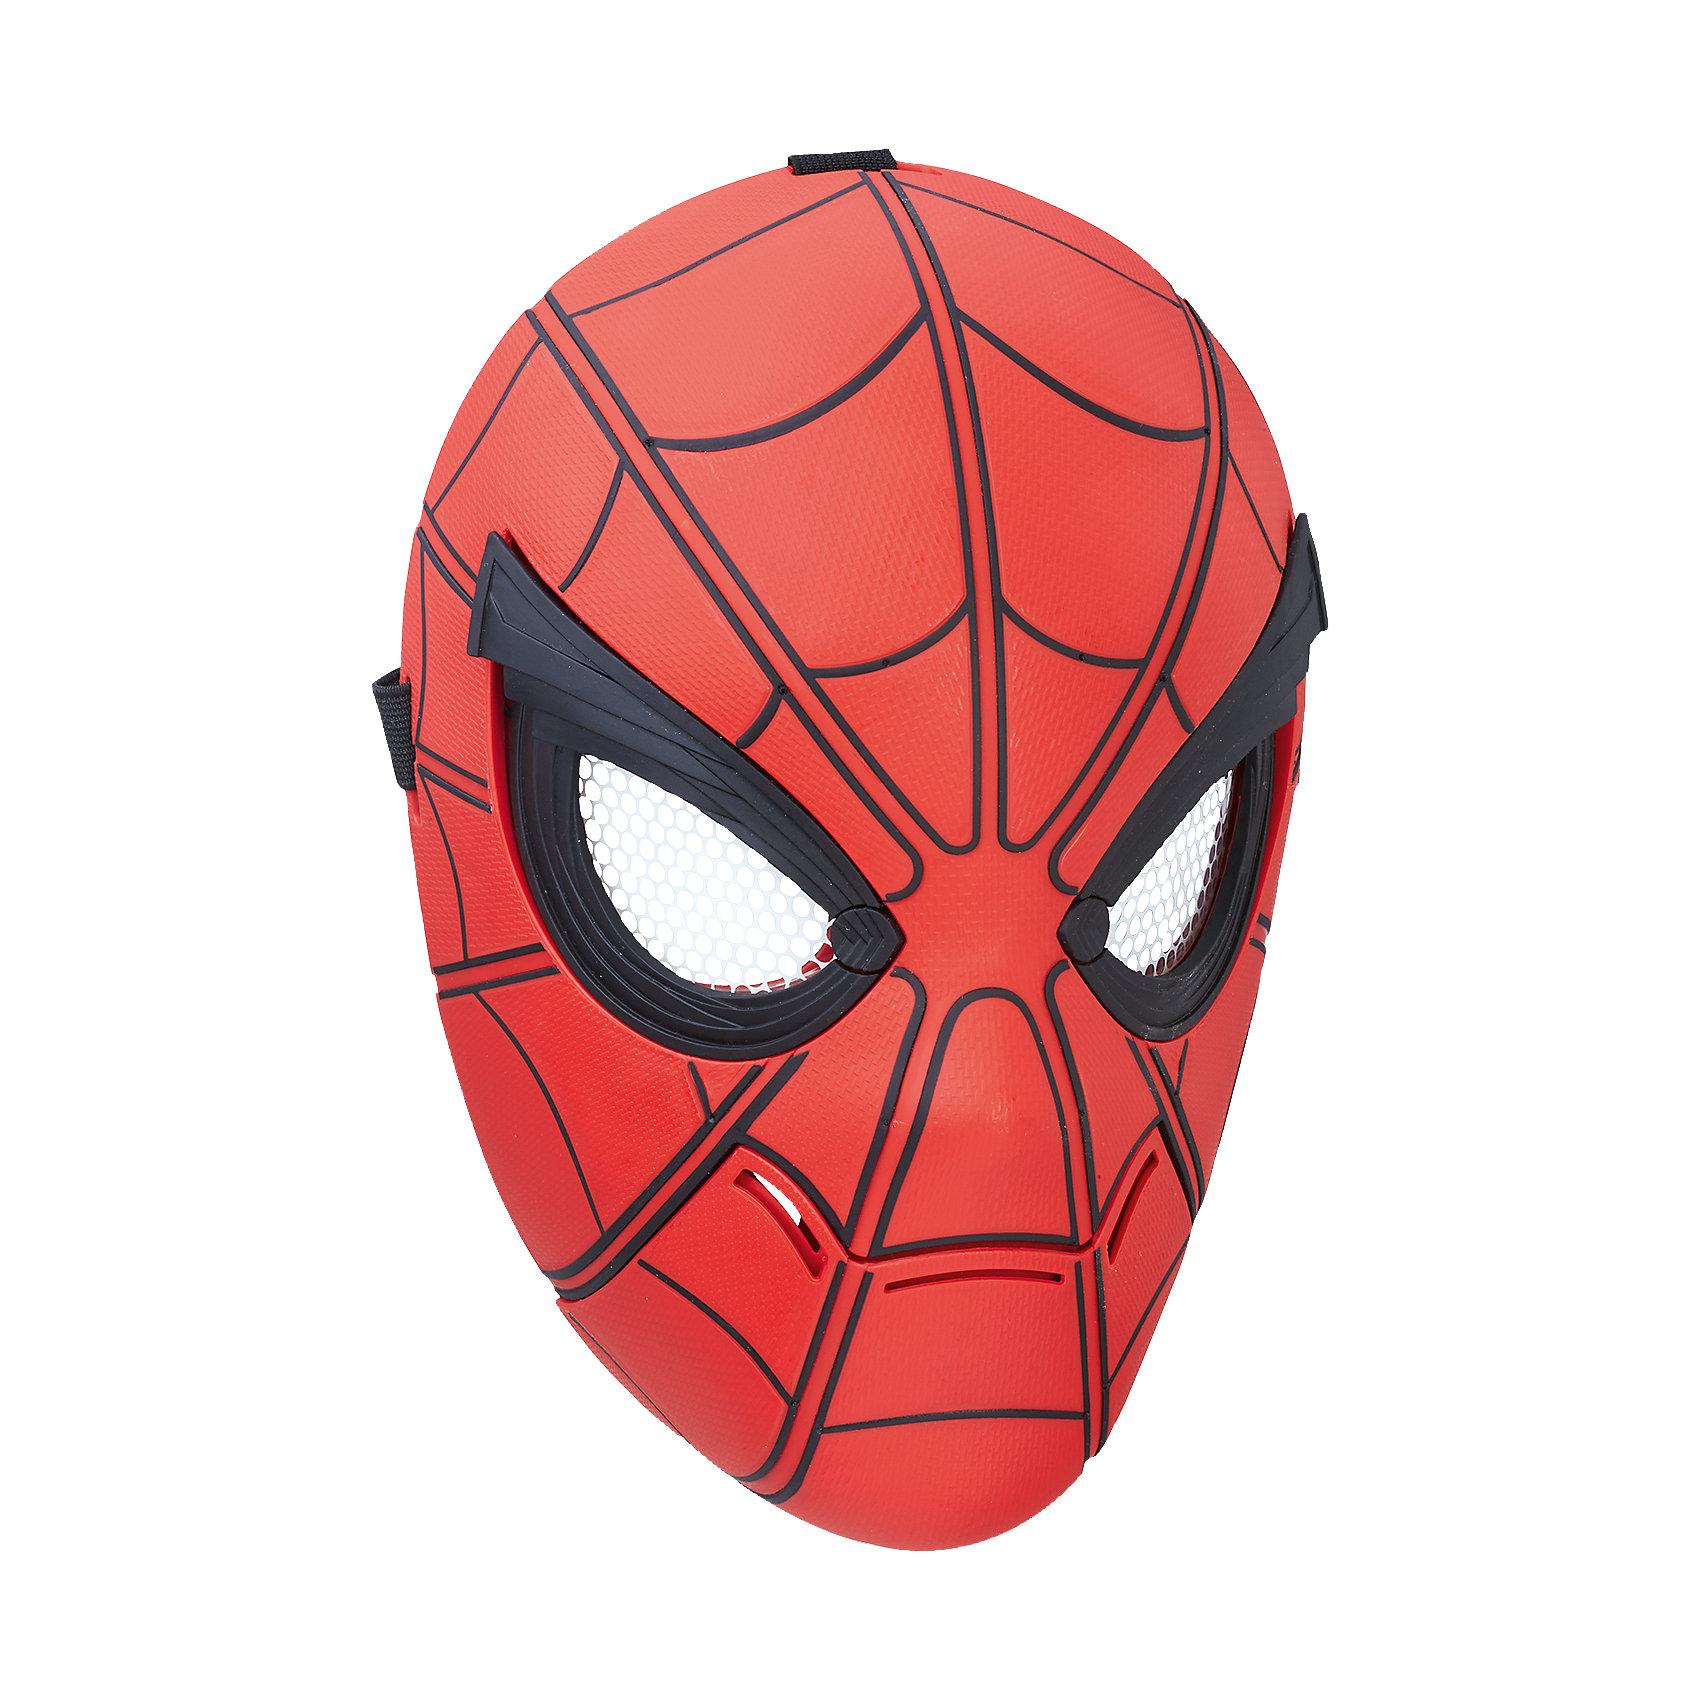 Интерактивная маска Человека-паука, Человек-паук, HasbroИдеи подарков<br><br><br>Ширина мм: 283<br>Глубина мм: 208<br>Высота мм: 116<br>Вес г: 483<br>Возраст от месяцев: 60<br>Возраст до месяцев: 120<br>Пол: Мужской<br>Возраст: Детский<br>SKU: 5104323